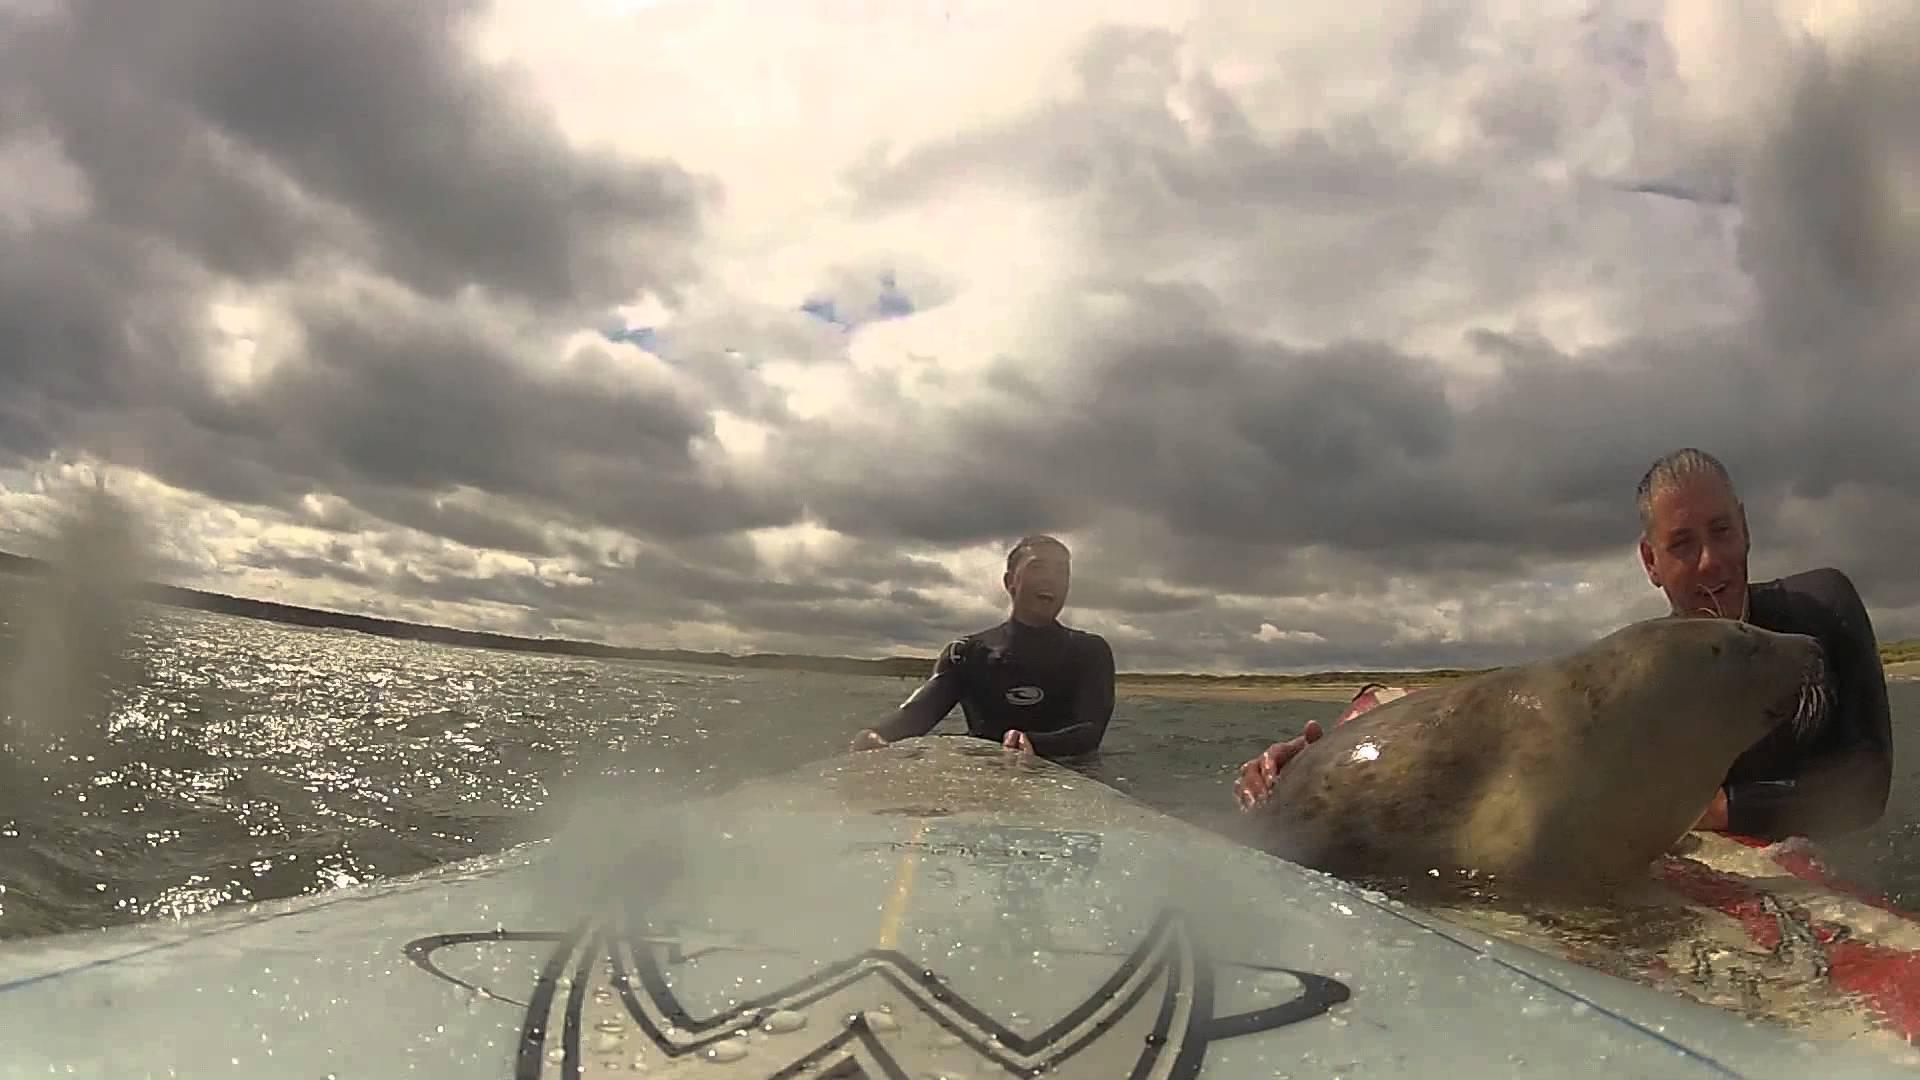 Foca tentou várias vezes equilibrar-se numa prancha de surf